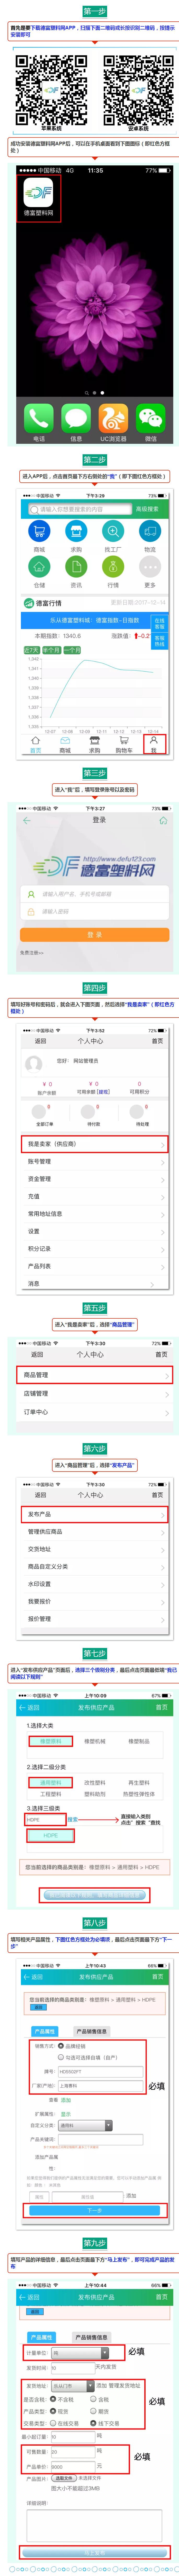 手机APP发布新产品.jpg